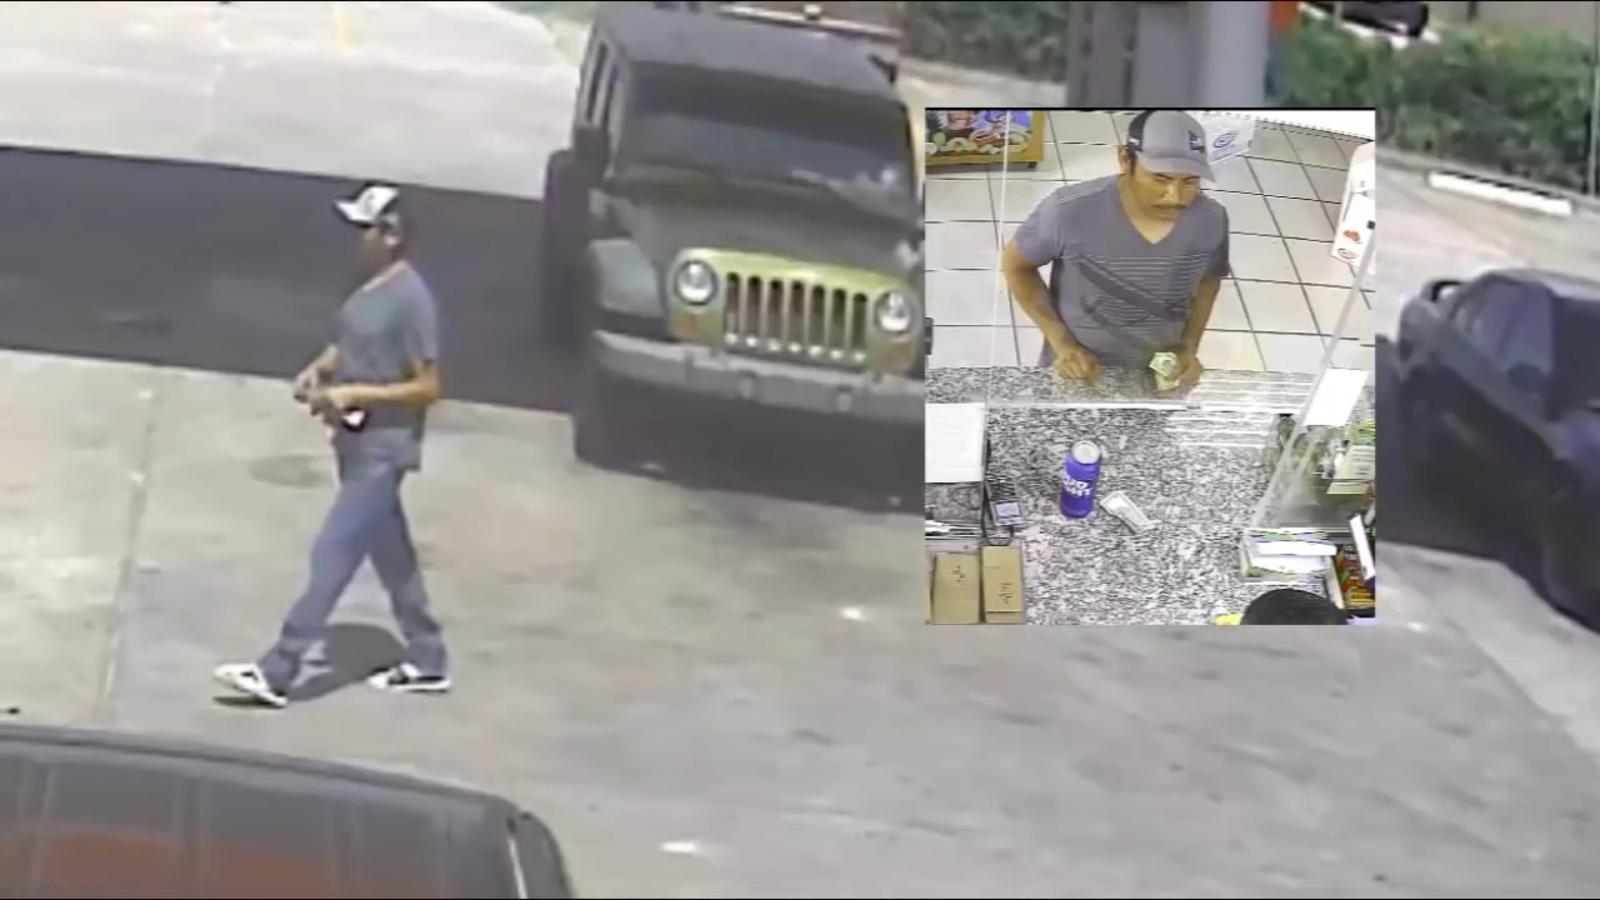 10910647 072621 ktrk jugging robbery moriah vid jpg?w=1600.